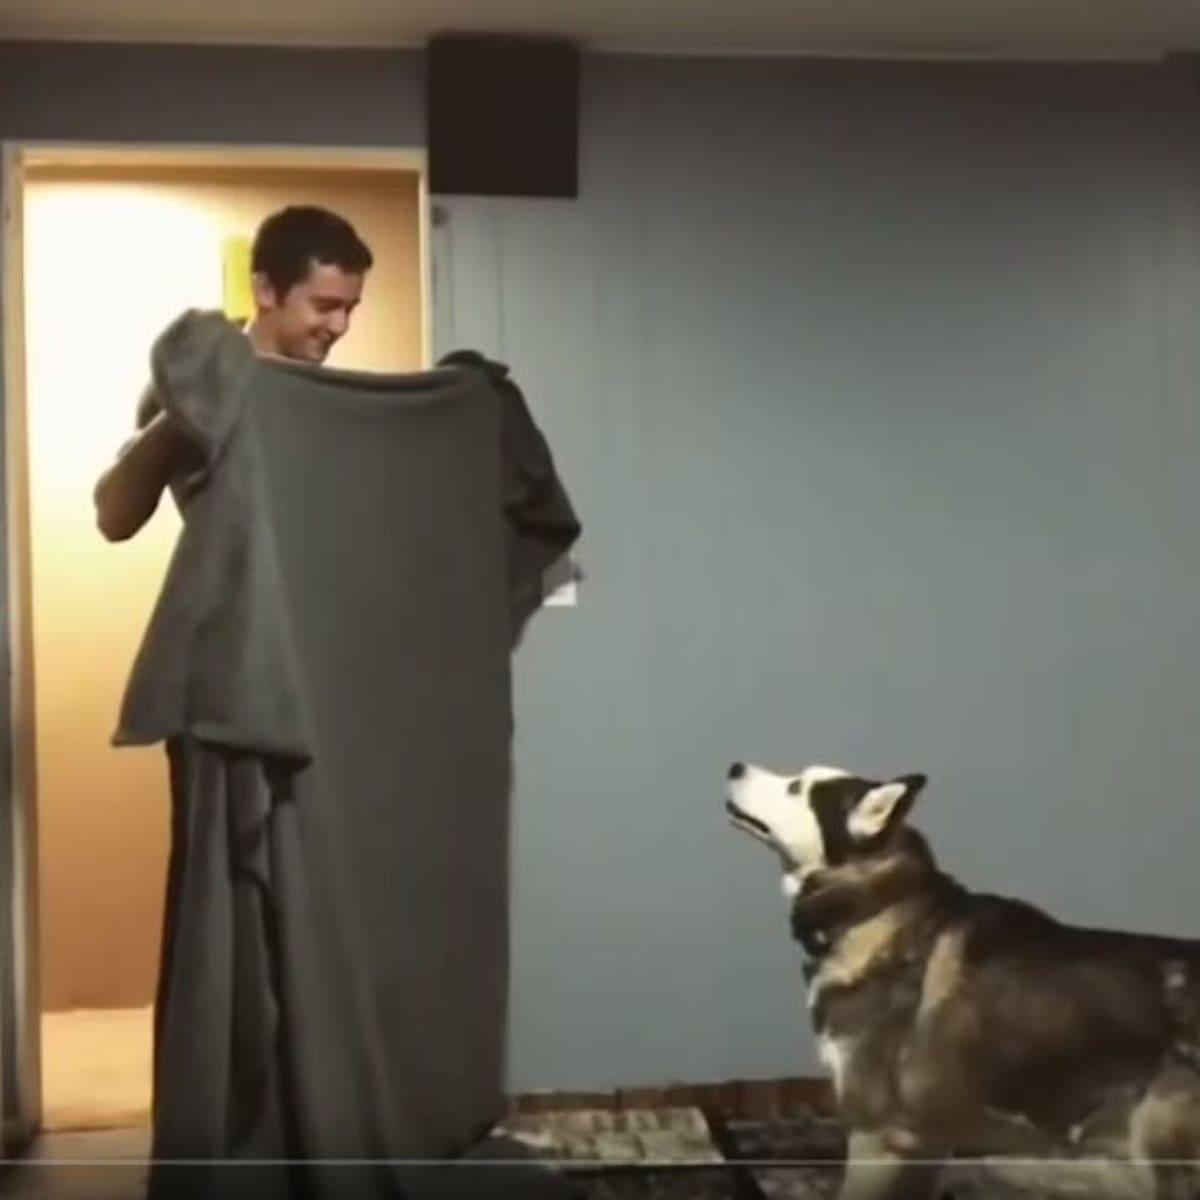 Kuvakaappaus Youtube-videosta: Mies seisoo pidellen peittoa edessään. koira tuijottaa miestä.